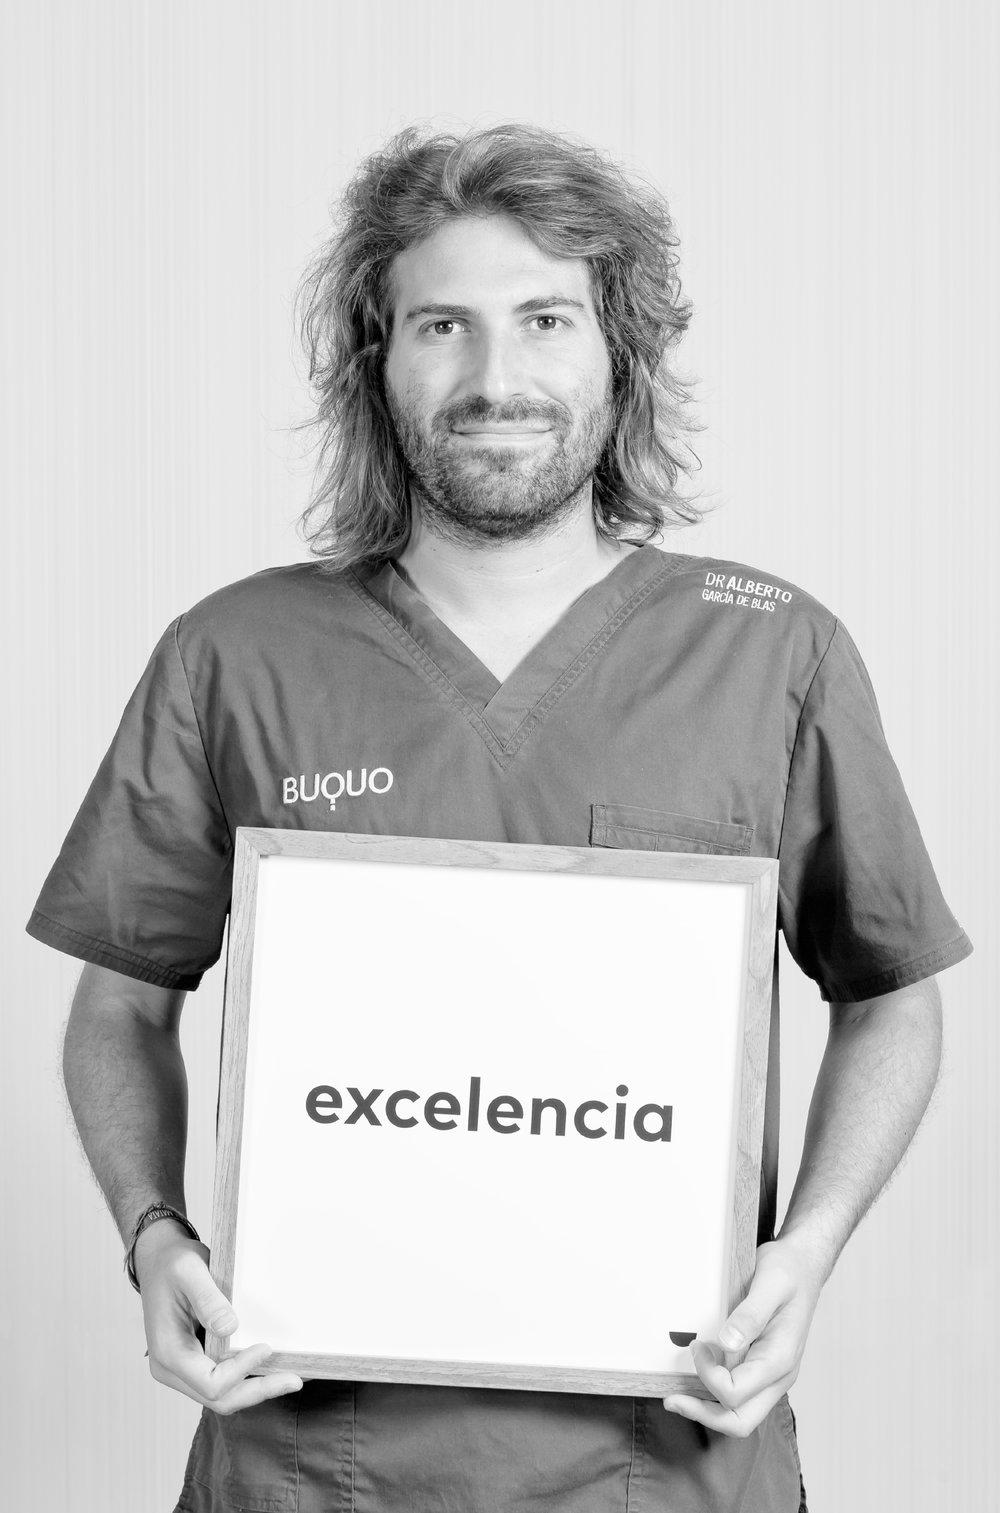 Dr. Alberto García de Blas - Es licenciado en Odontología por la UAX en Madrid y posee Máster en Cirugía Bucal, implantología, periodoncia y rehabilitación oral por la Universidad Politécnica de Cataluña. Es fundador y director médico de postgrado donde forma a otros dentistas en técnicas avanzadas de implantología y cirugía oral avanzada. El Dr. Alberto García persigue la excelencia en implantología y cirugía. Su pasión le ha llevado a realizar varios postgrados con los grandes de la implantología a nivel mundial como Sascha Jovanovic (California) Dennis Tarnow (Nueva York) o Fouad Kourhy (Alemania), entre otros.